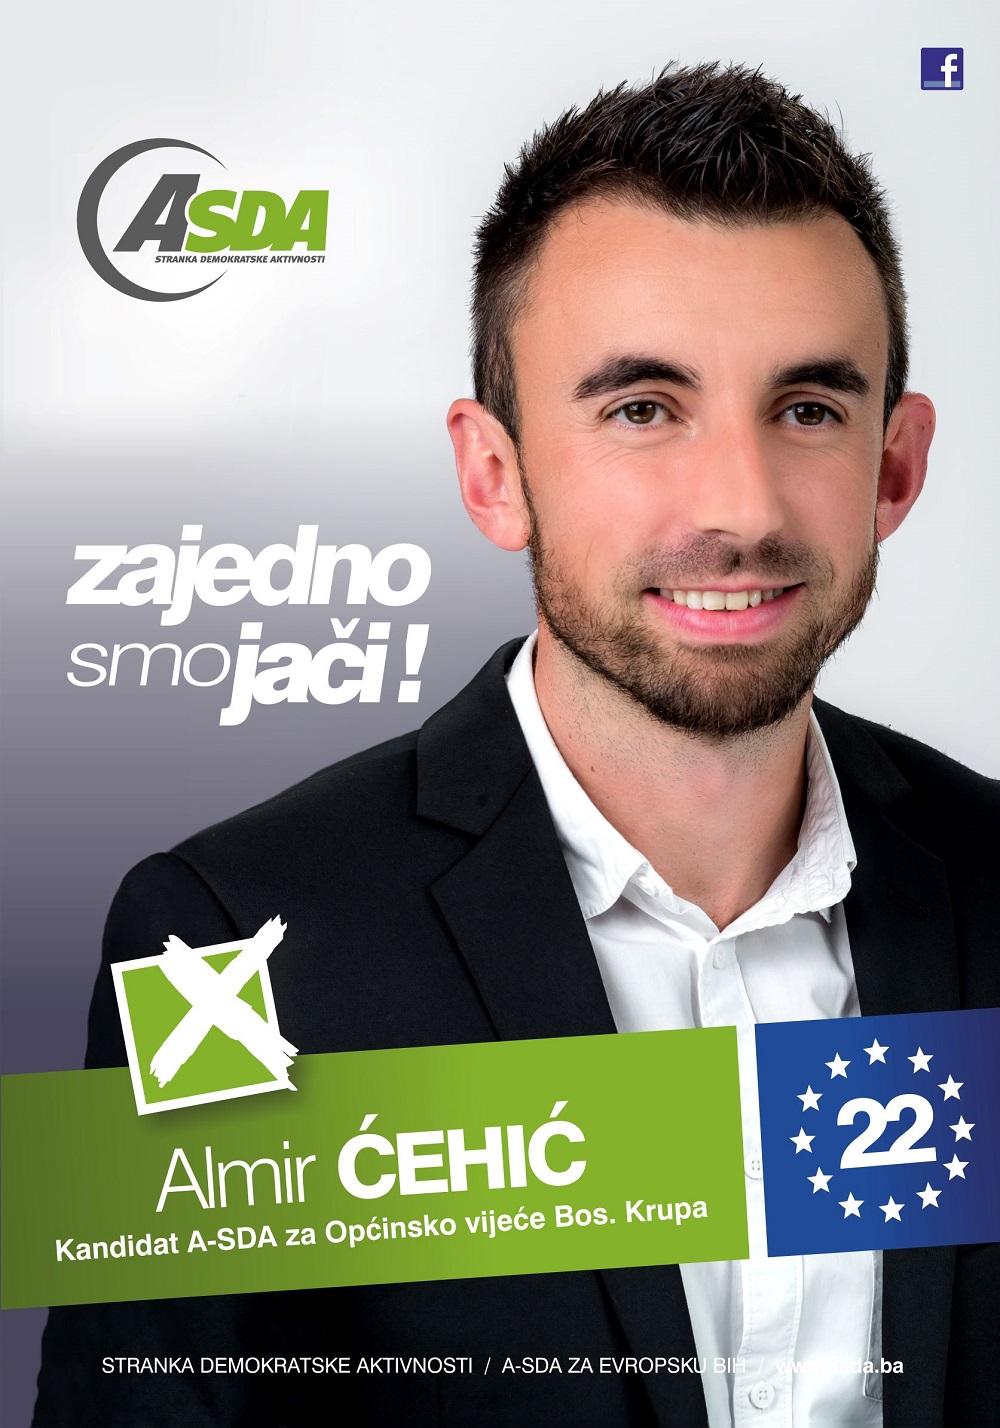 Almir Ćehić